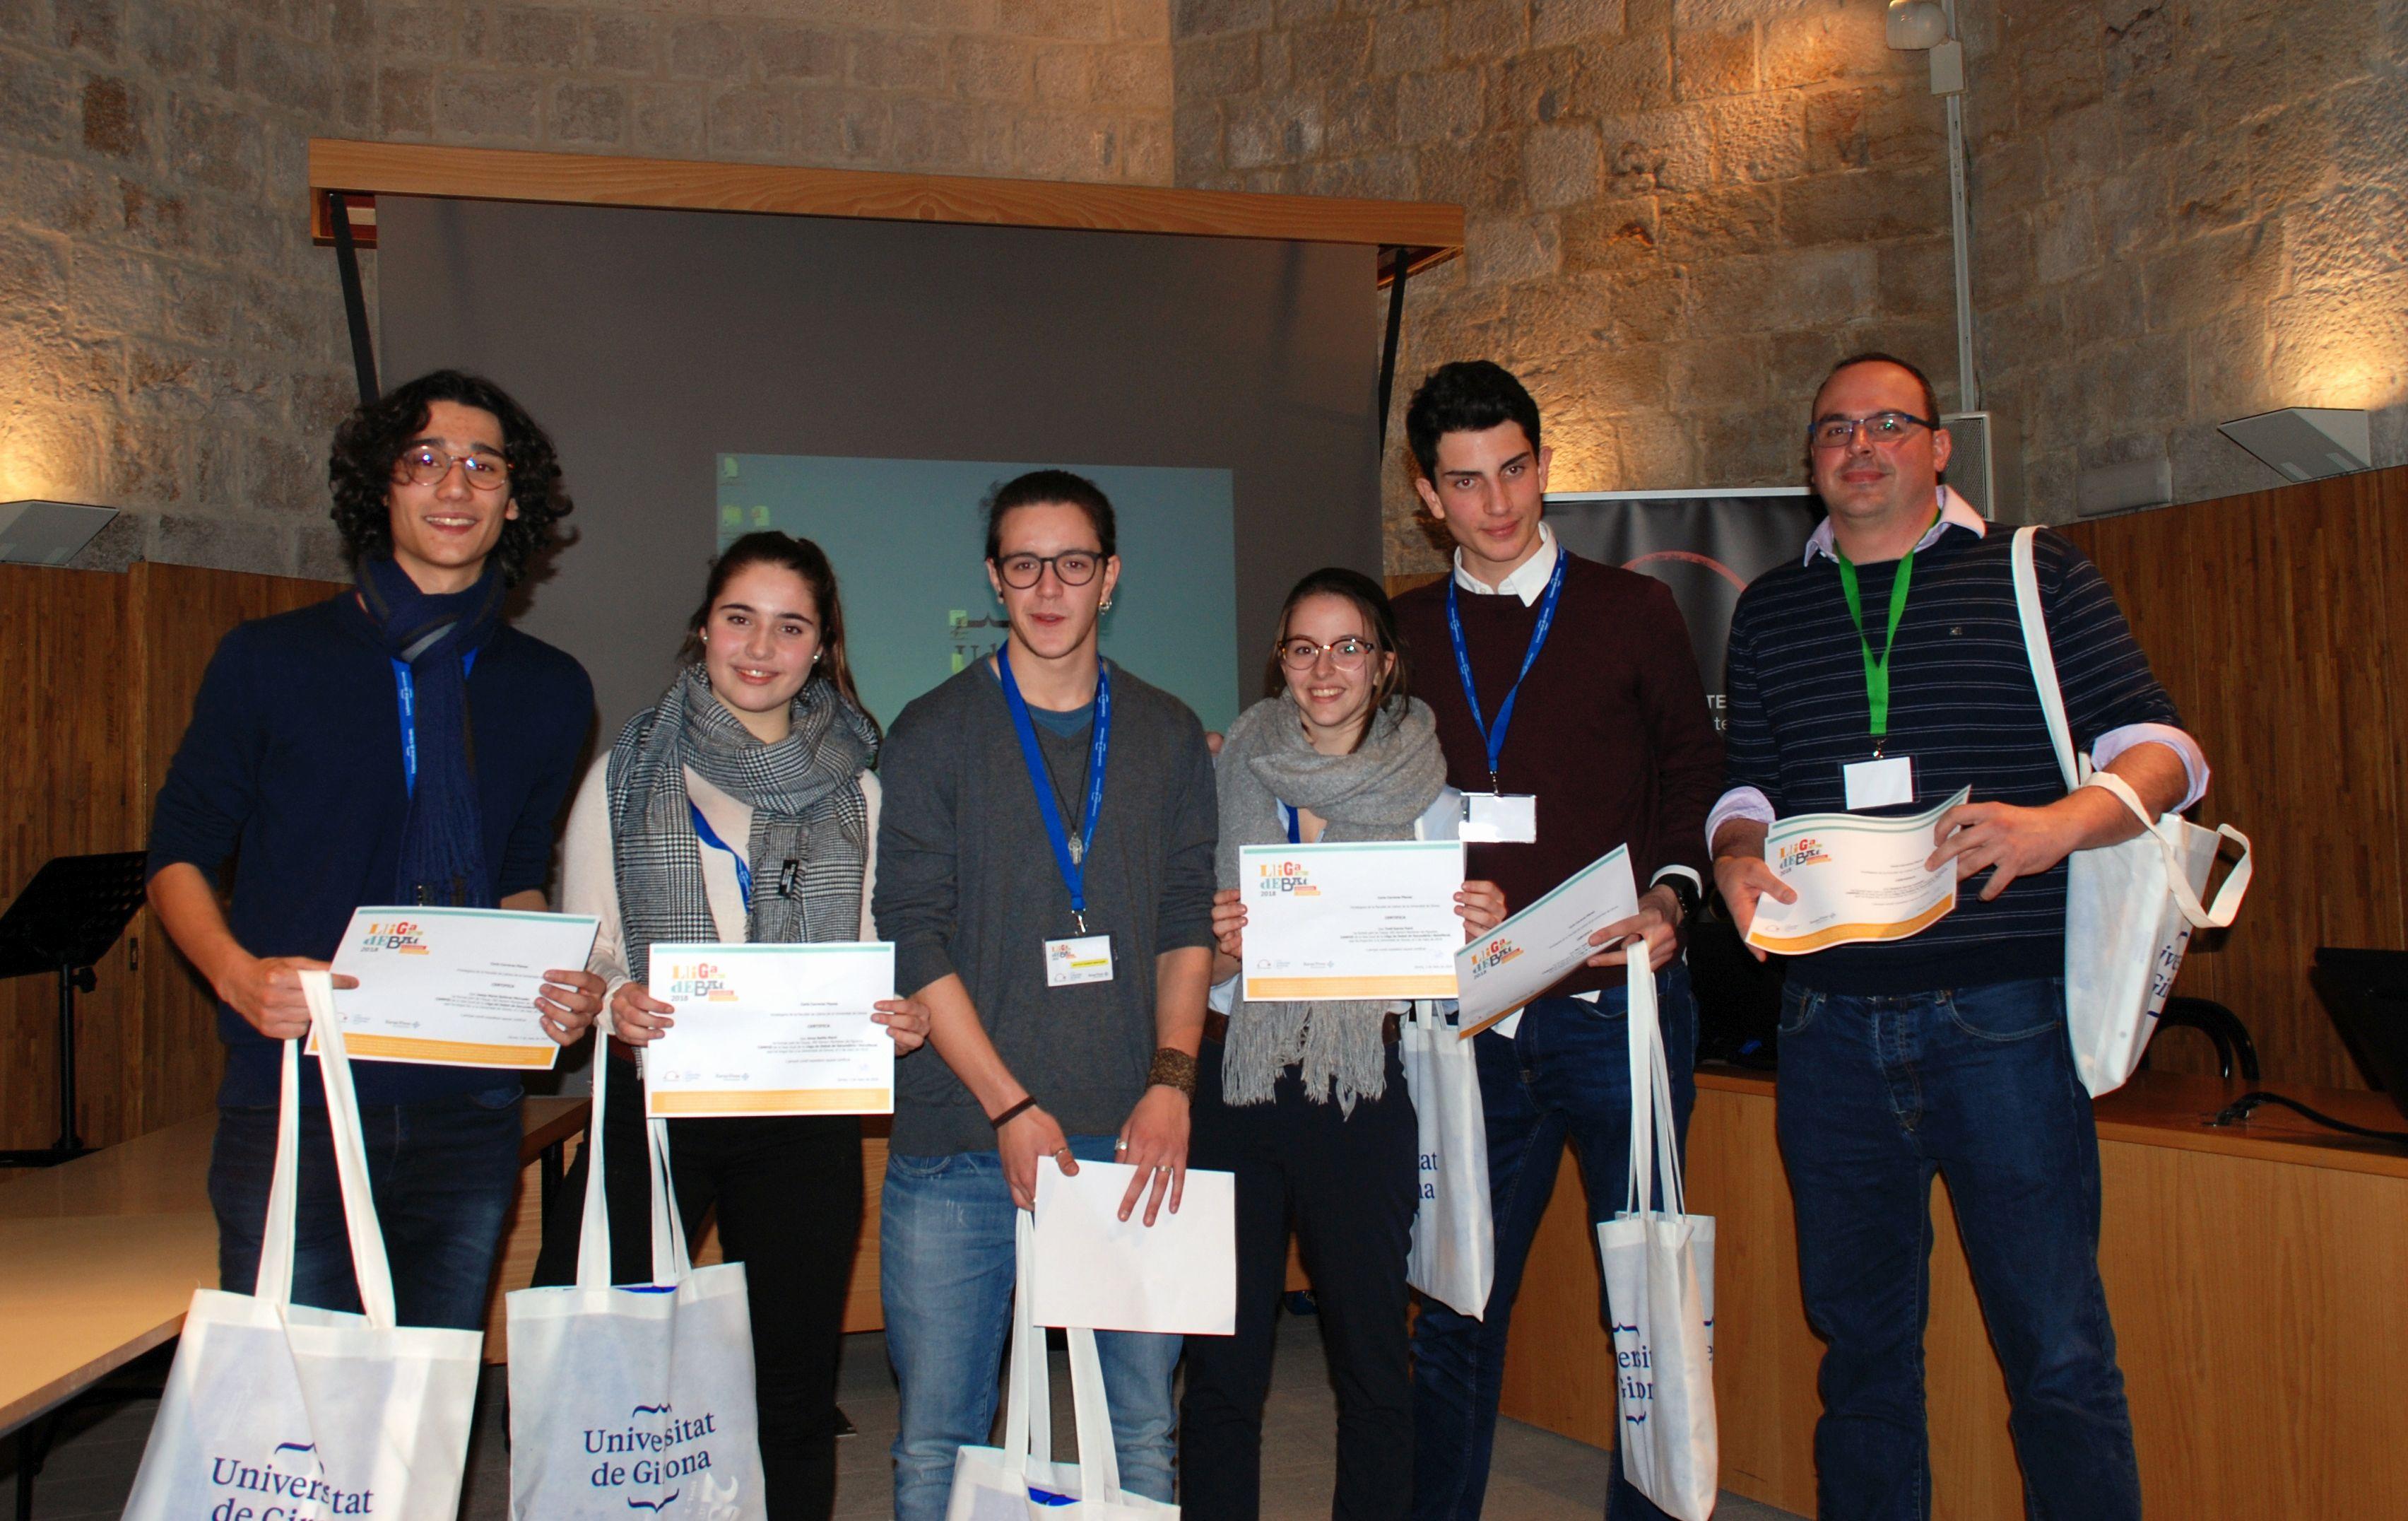 L'equip de l'IES Ramon Muntaner (Figueres) venç a la fase local de la Lliga de Debat de Secundària i Batxillerat de la Xarxa Vives a la Universitat de Girona